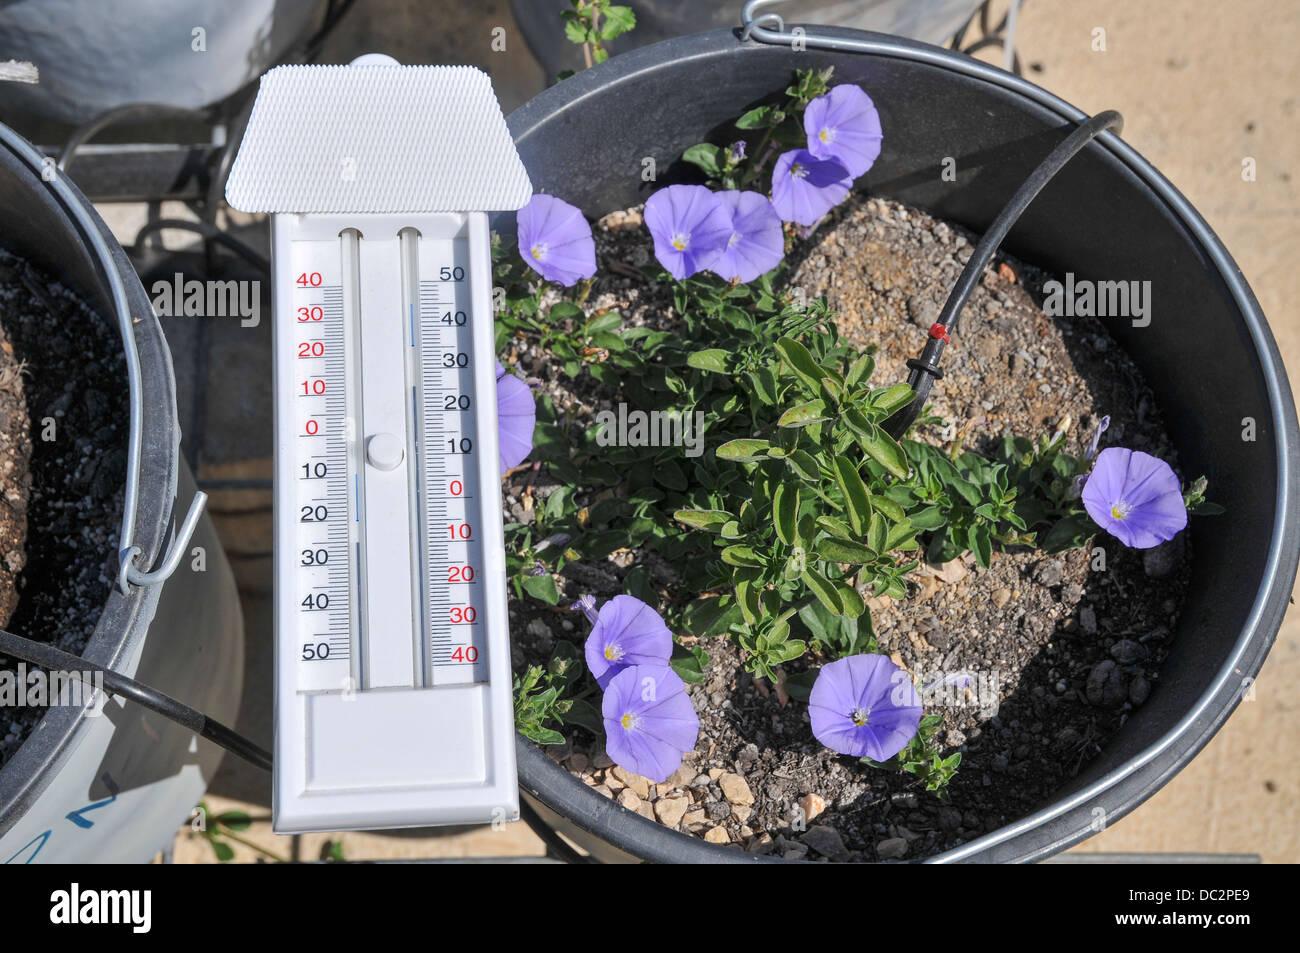 Termometro per misurare le temperature massima e minima in un dato tempo di ciclo Immagini Stock